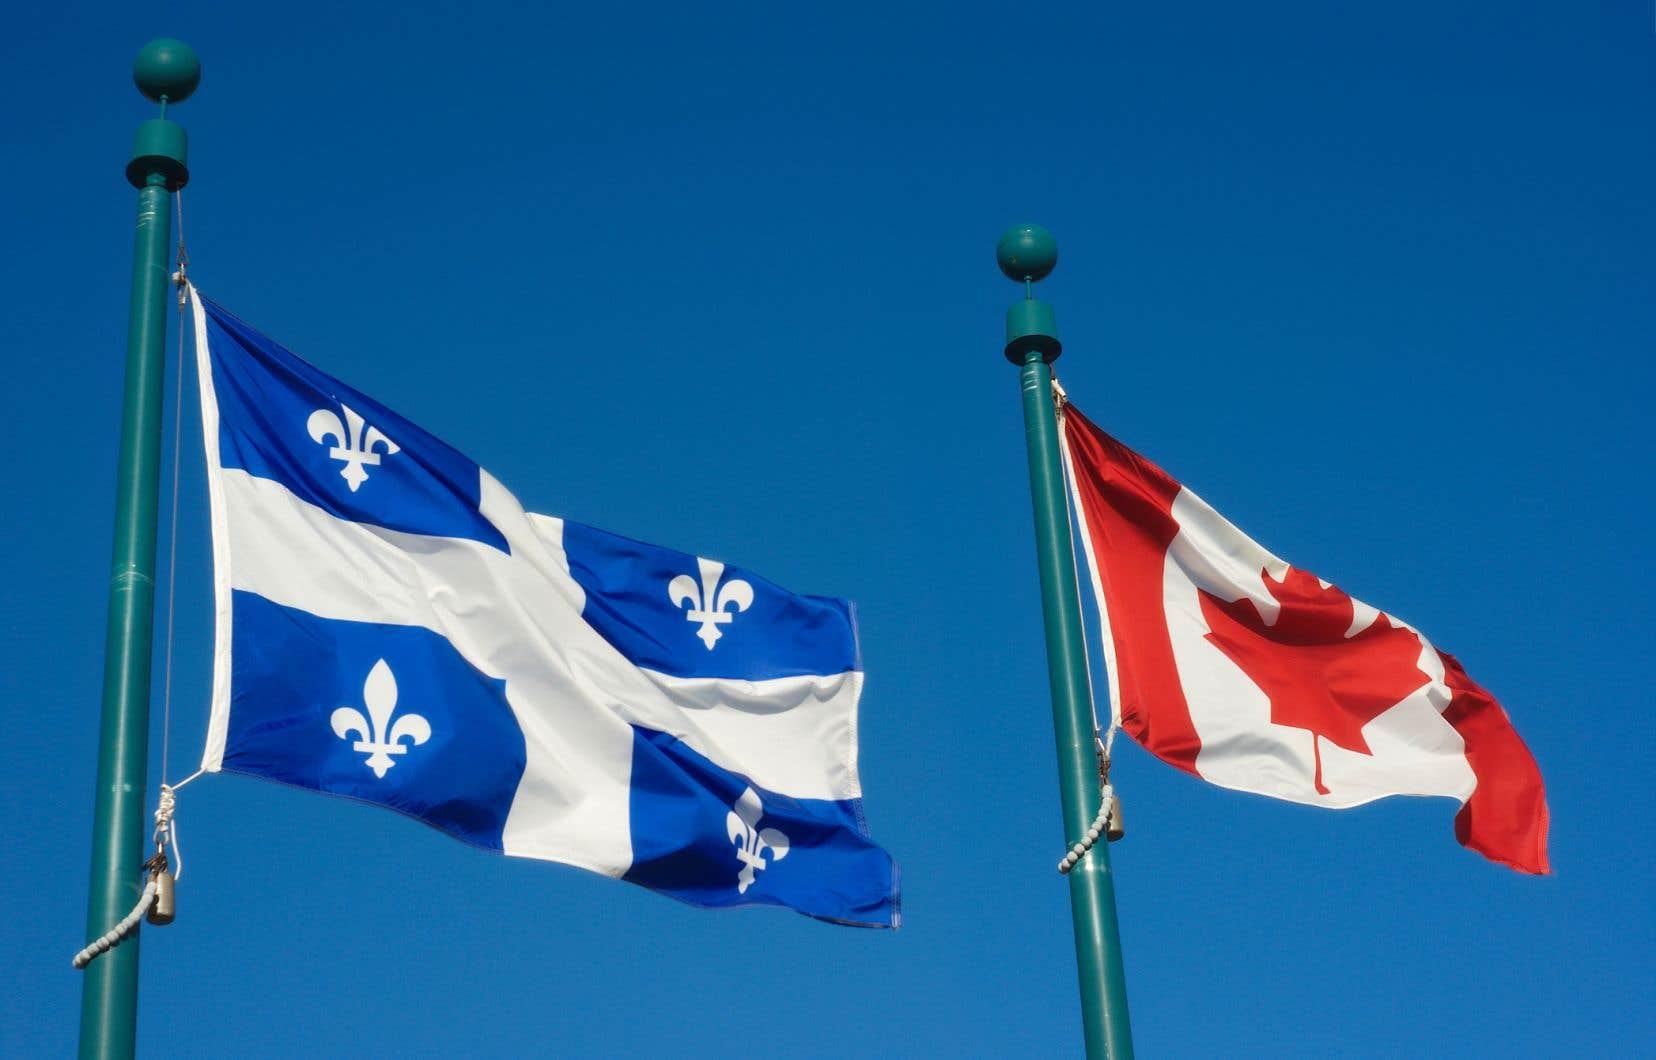 «Quant à l'usage que fait le projet de loi 96 des dispositions de dérogation, il est compréhensible et justifié, surtout en cette ère marquée par une forte judiciarisation du système politique canadien», écrit l'auteur.